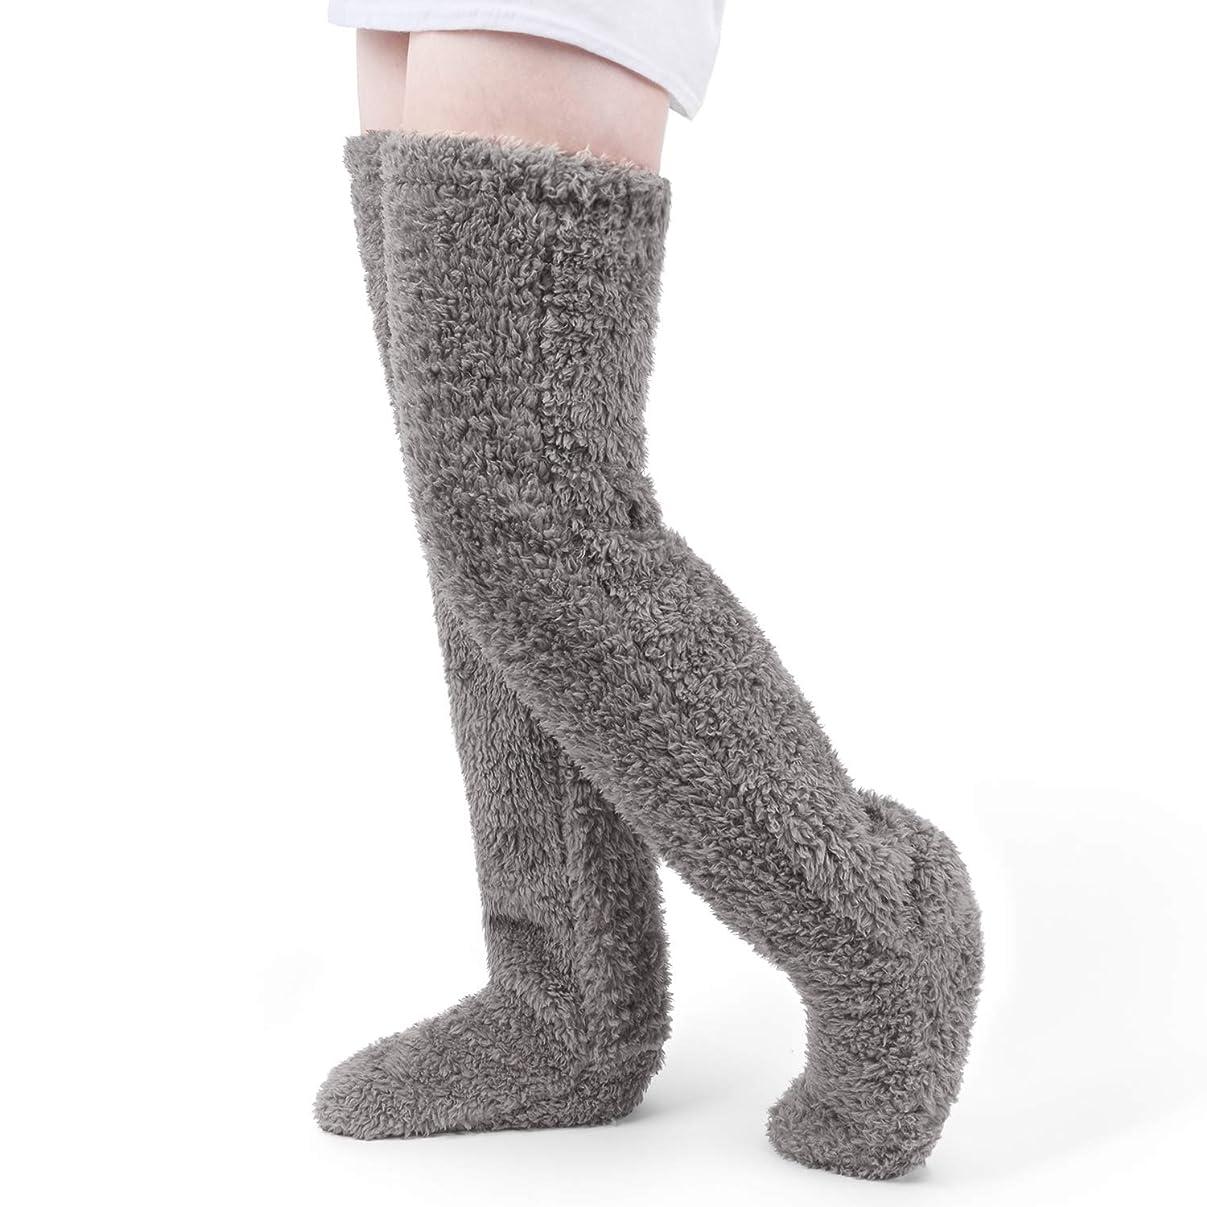 洪水失望ましい極暖 足が出せるロングカバー HIMETSUYA ルームシューズ ルームソックス あったかグッズ ロングカバー 冷え性 靴下 ソックス 足の大きさ23~26.5cmまで (グレー)